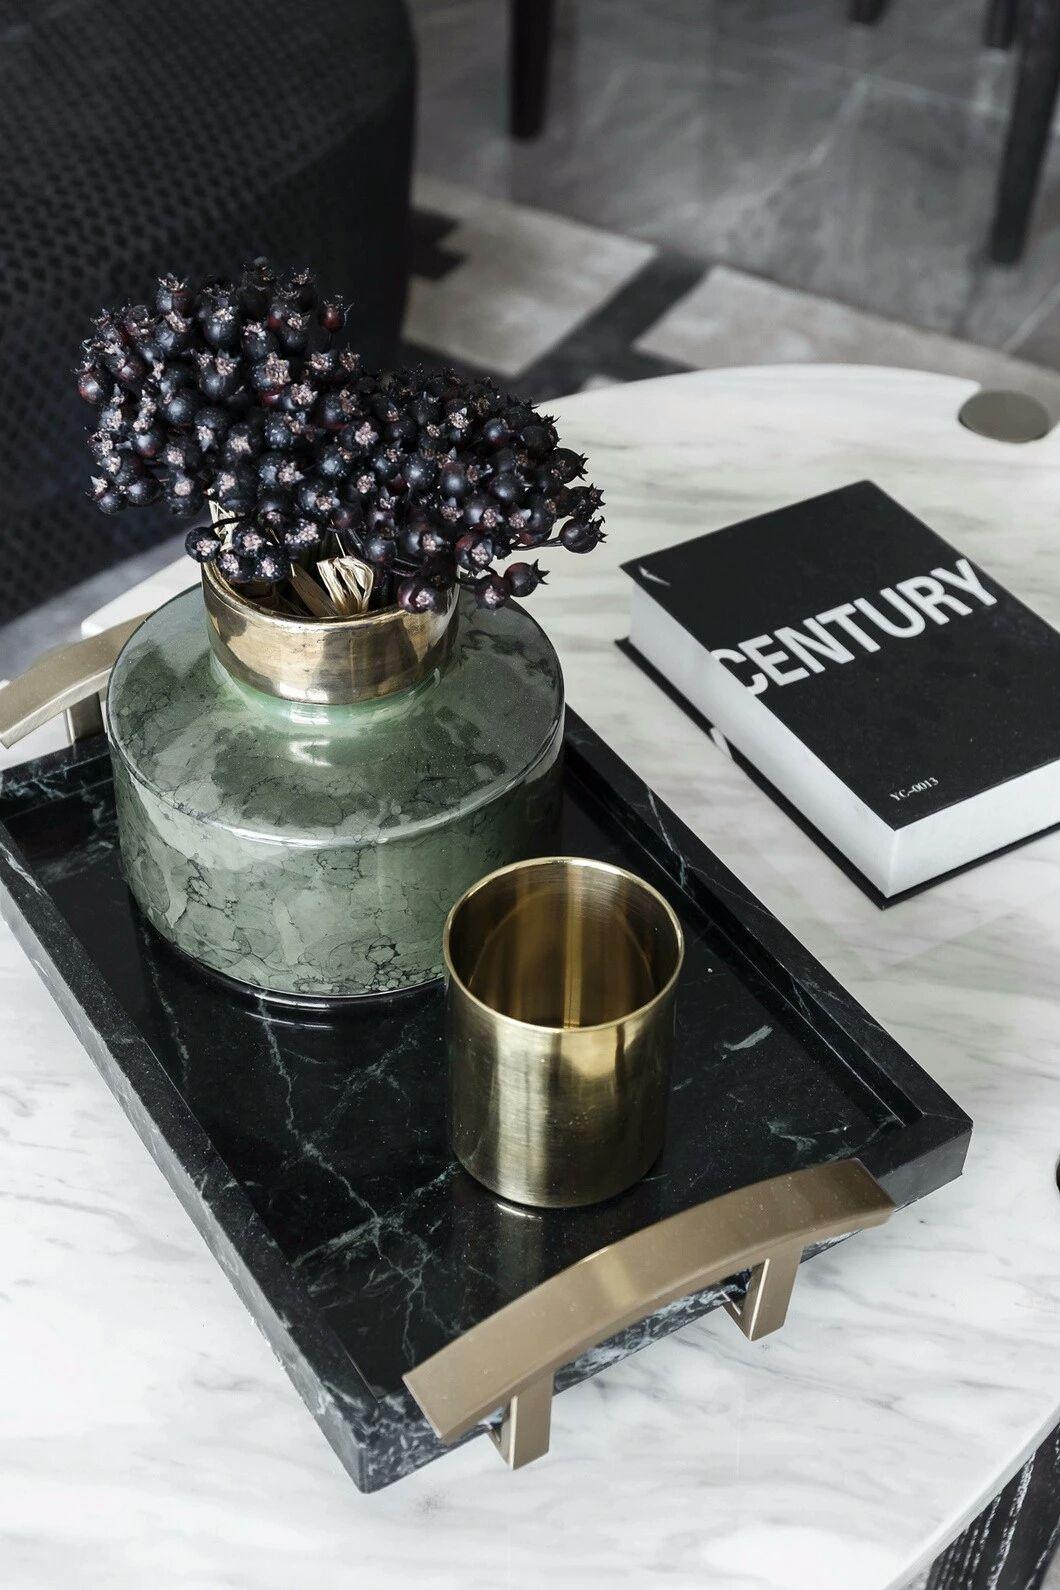 Objet deco design inspiration déco bureau objets style de table de chevet